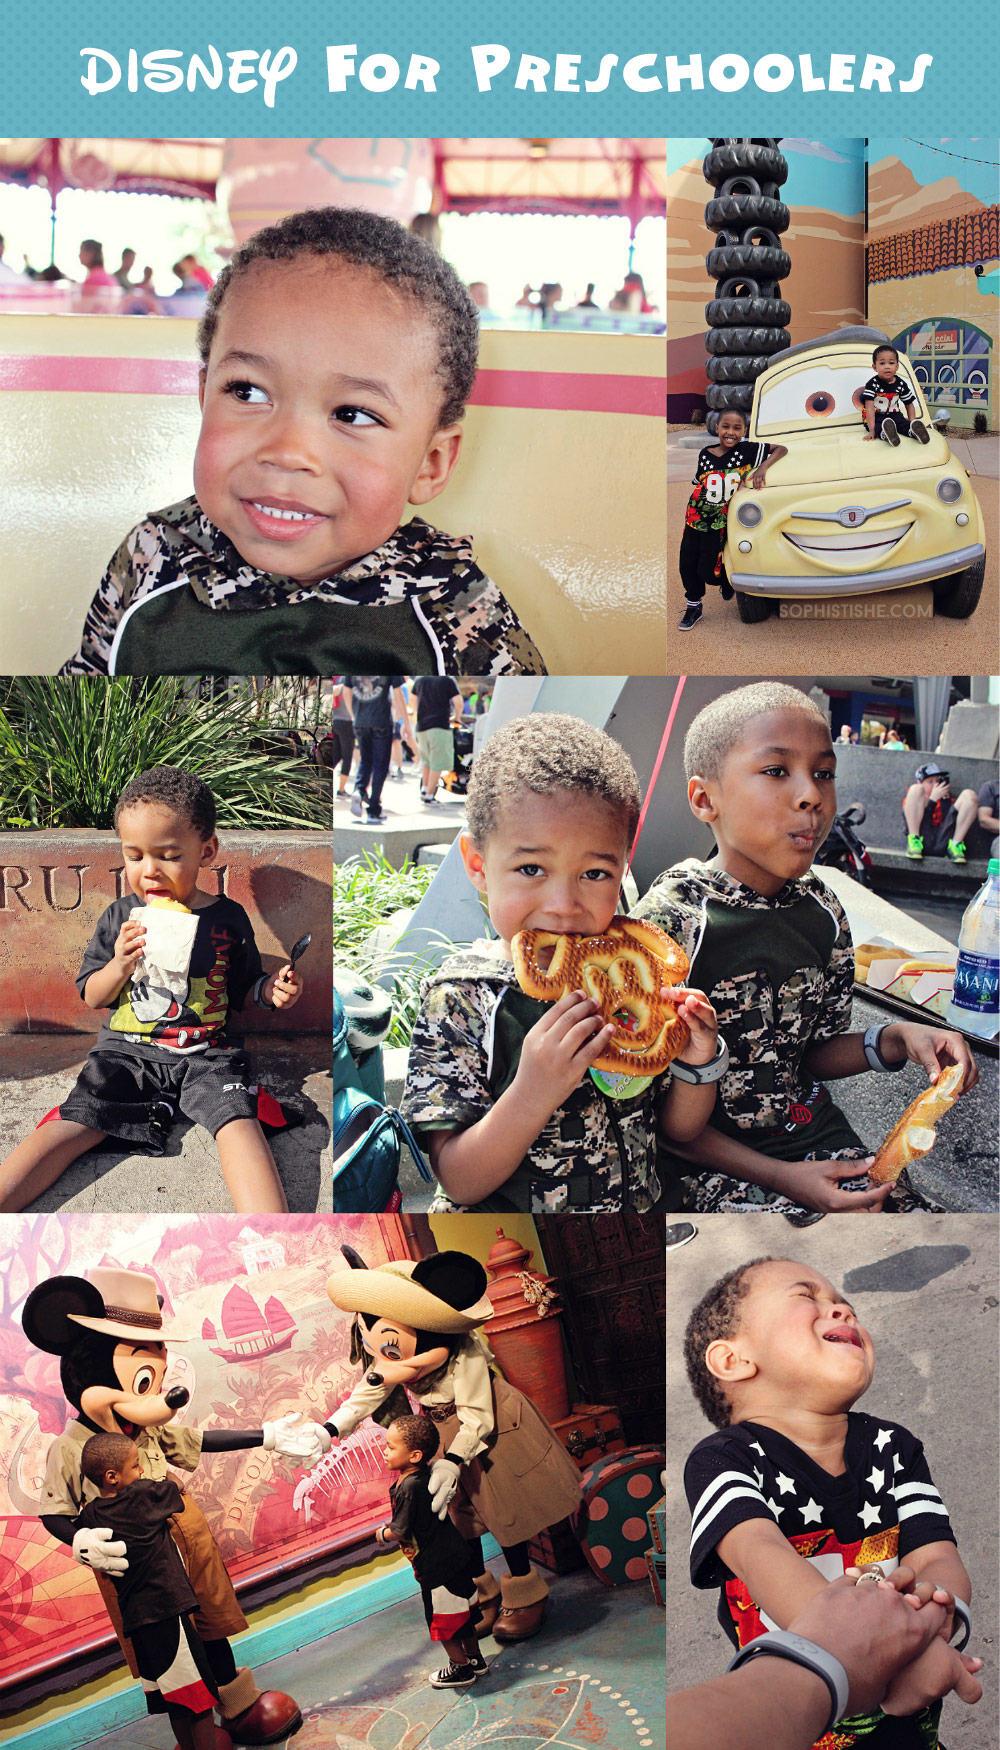 Disney for Preschoolers